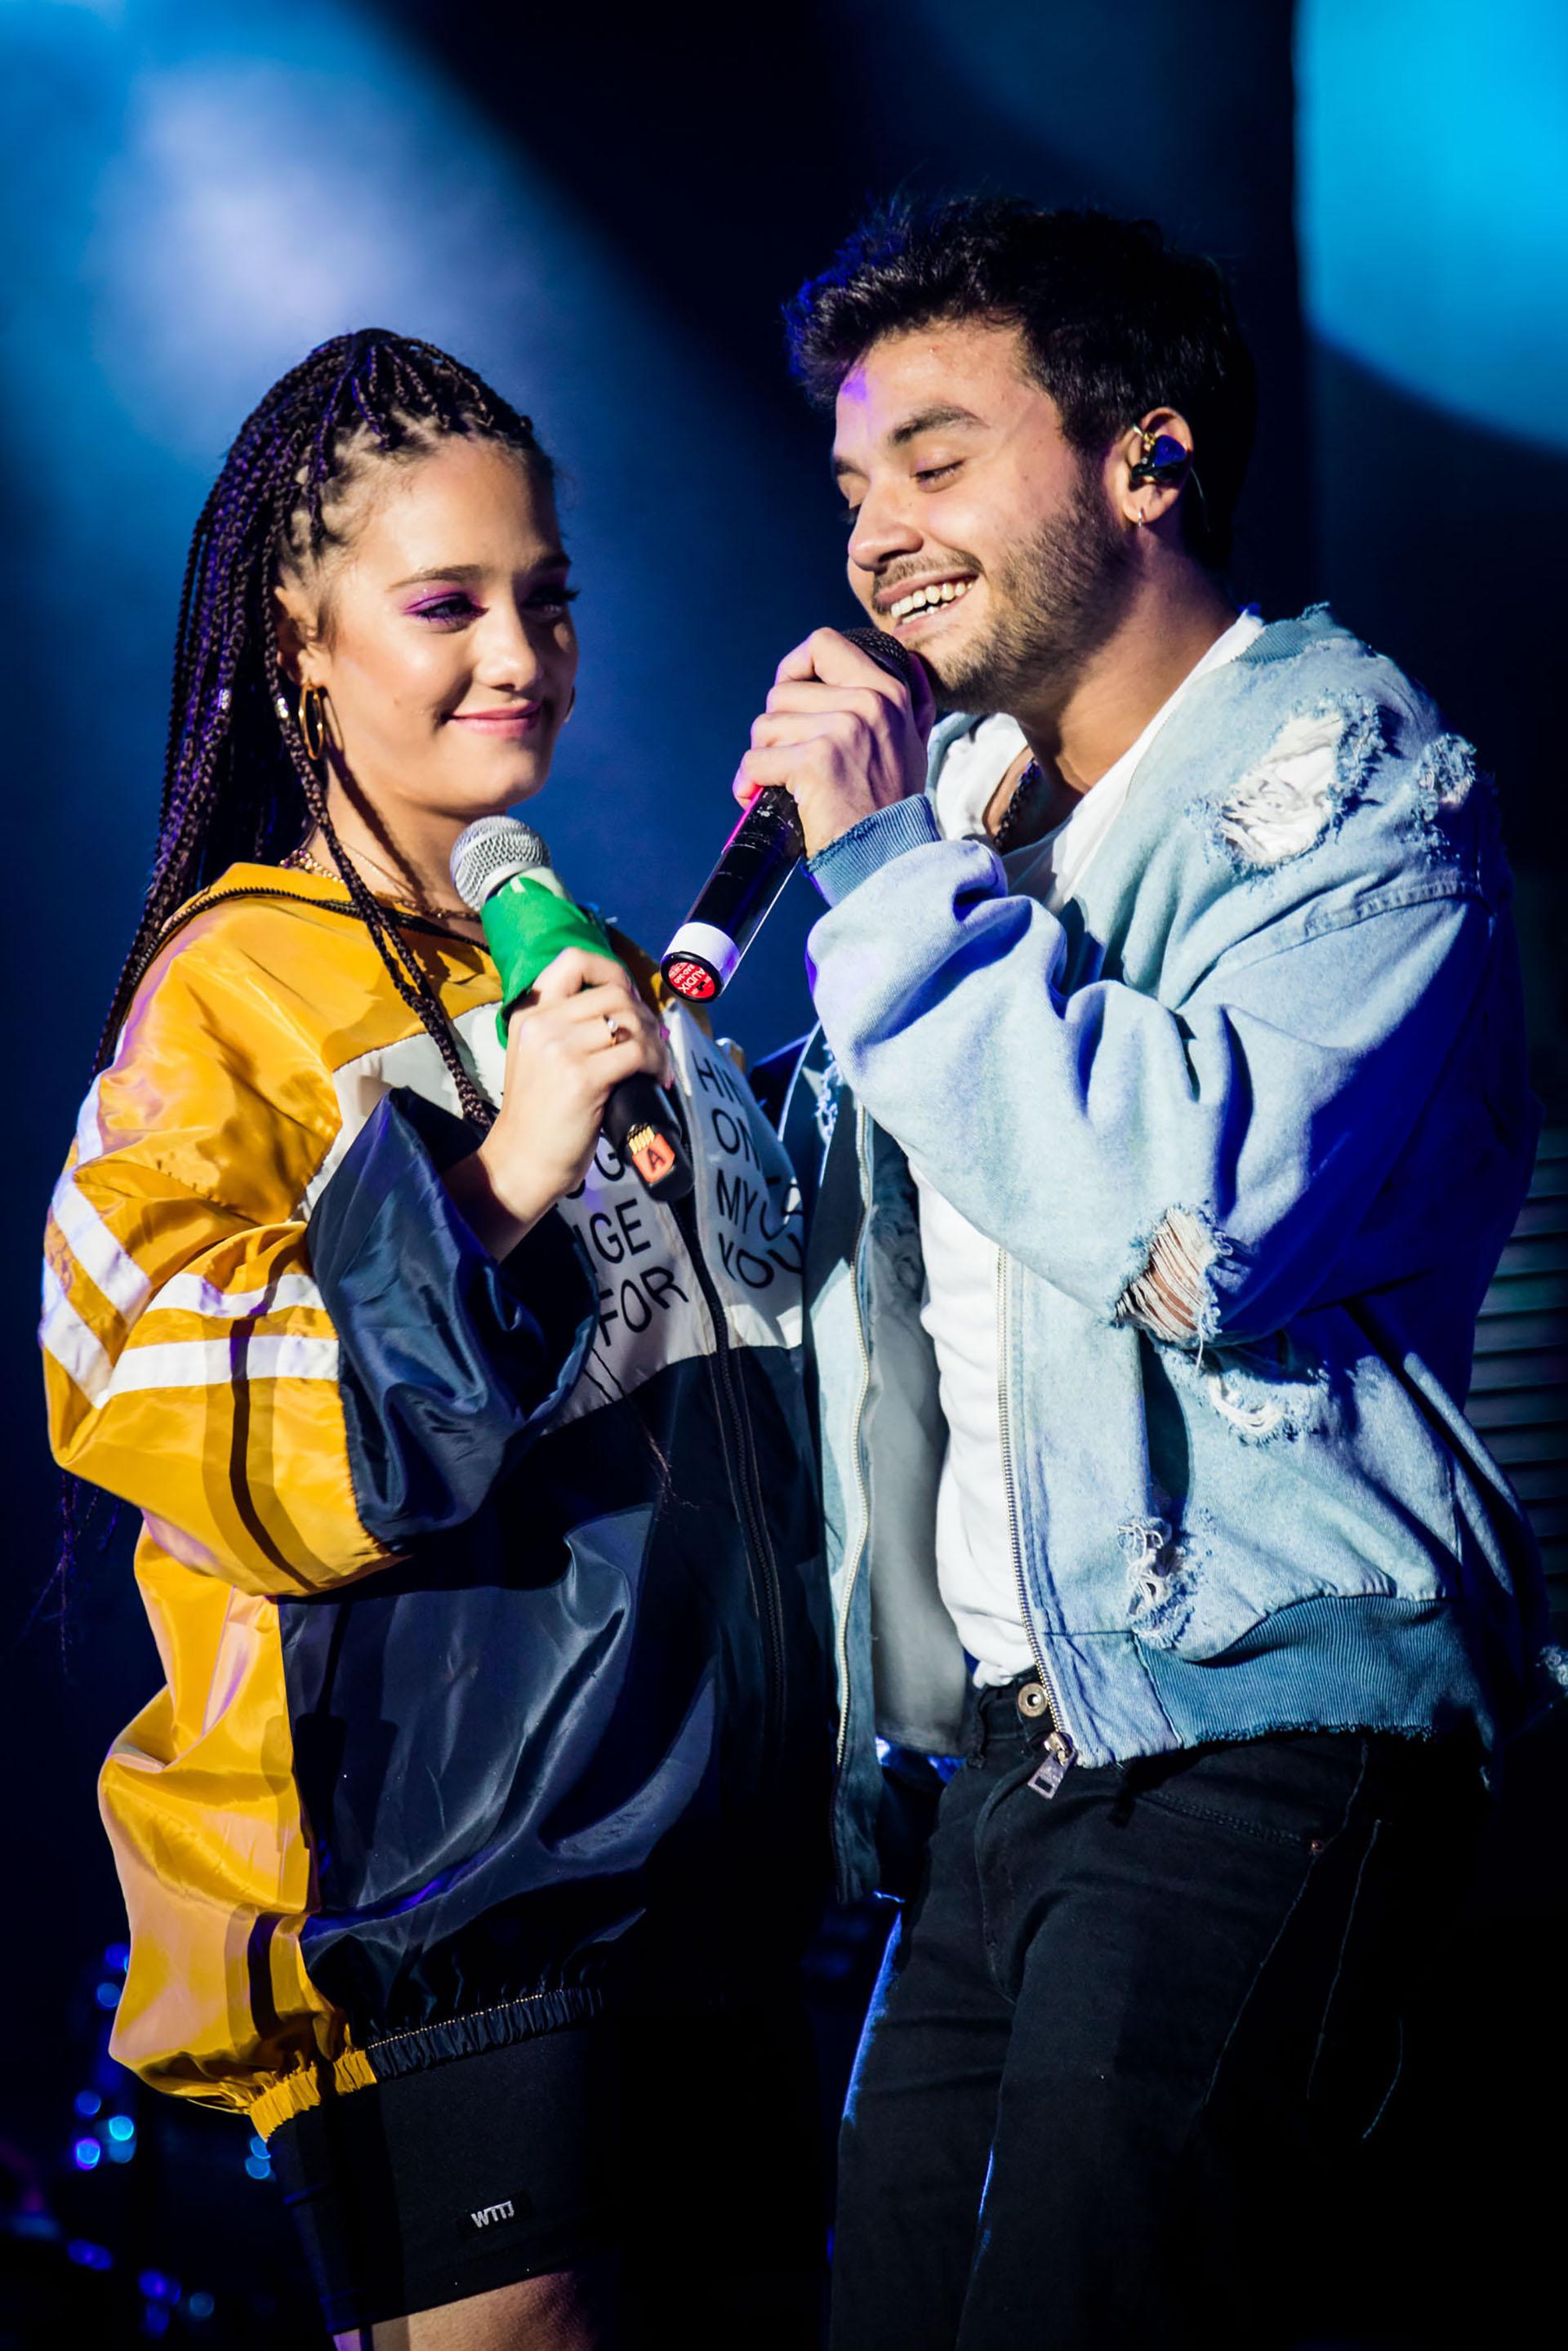 """Ambos fueron parte del elenco de """"Simona"""" y se consagraron como la pareja favorita del público. Y hay muchas dudas de un posible romance entre ellos, meses atrás…"""